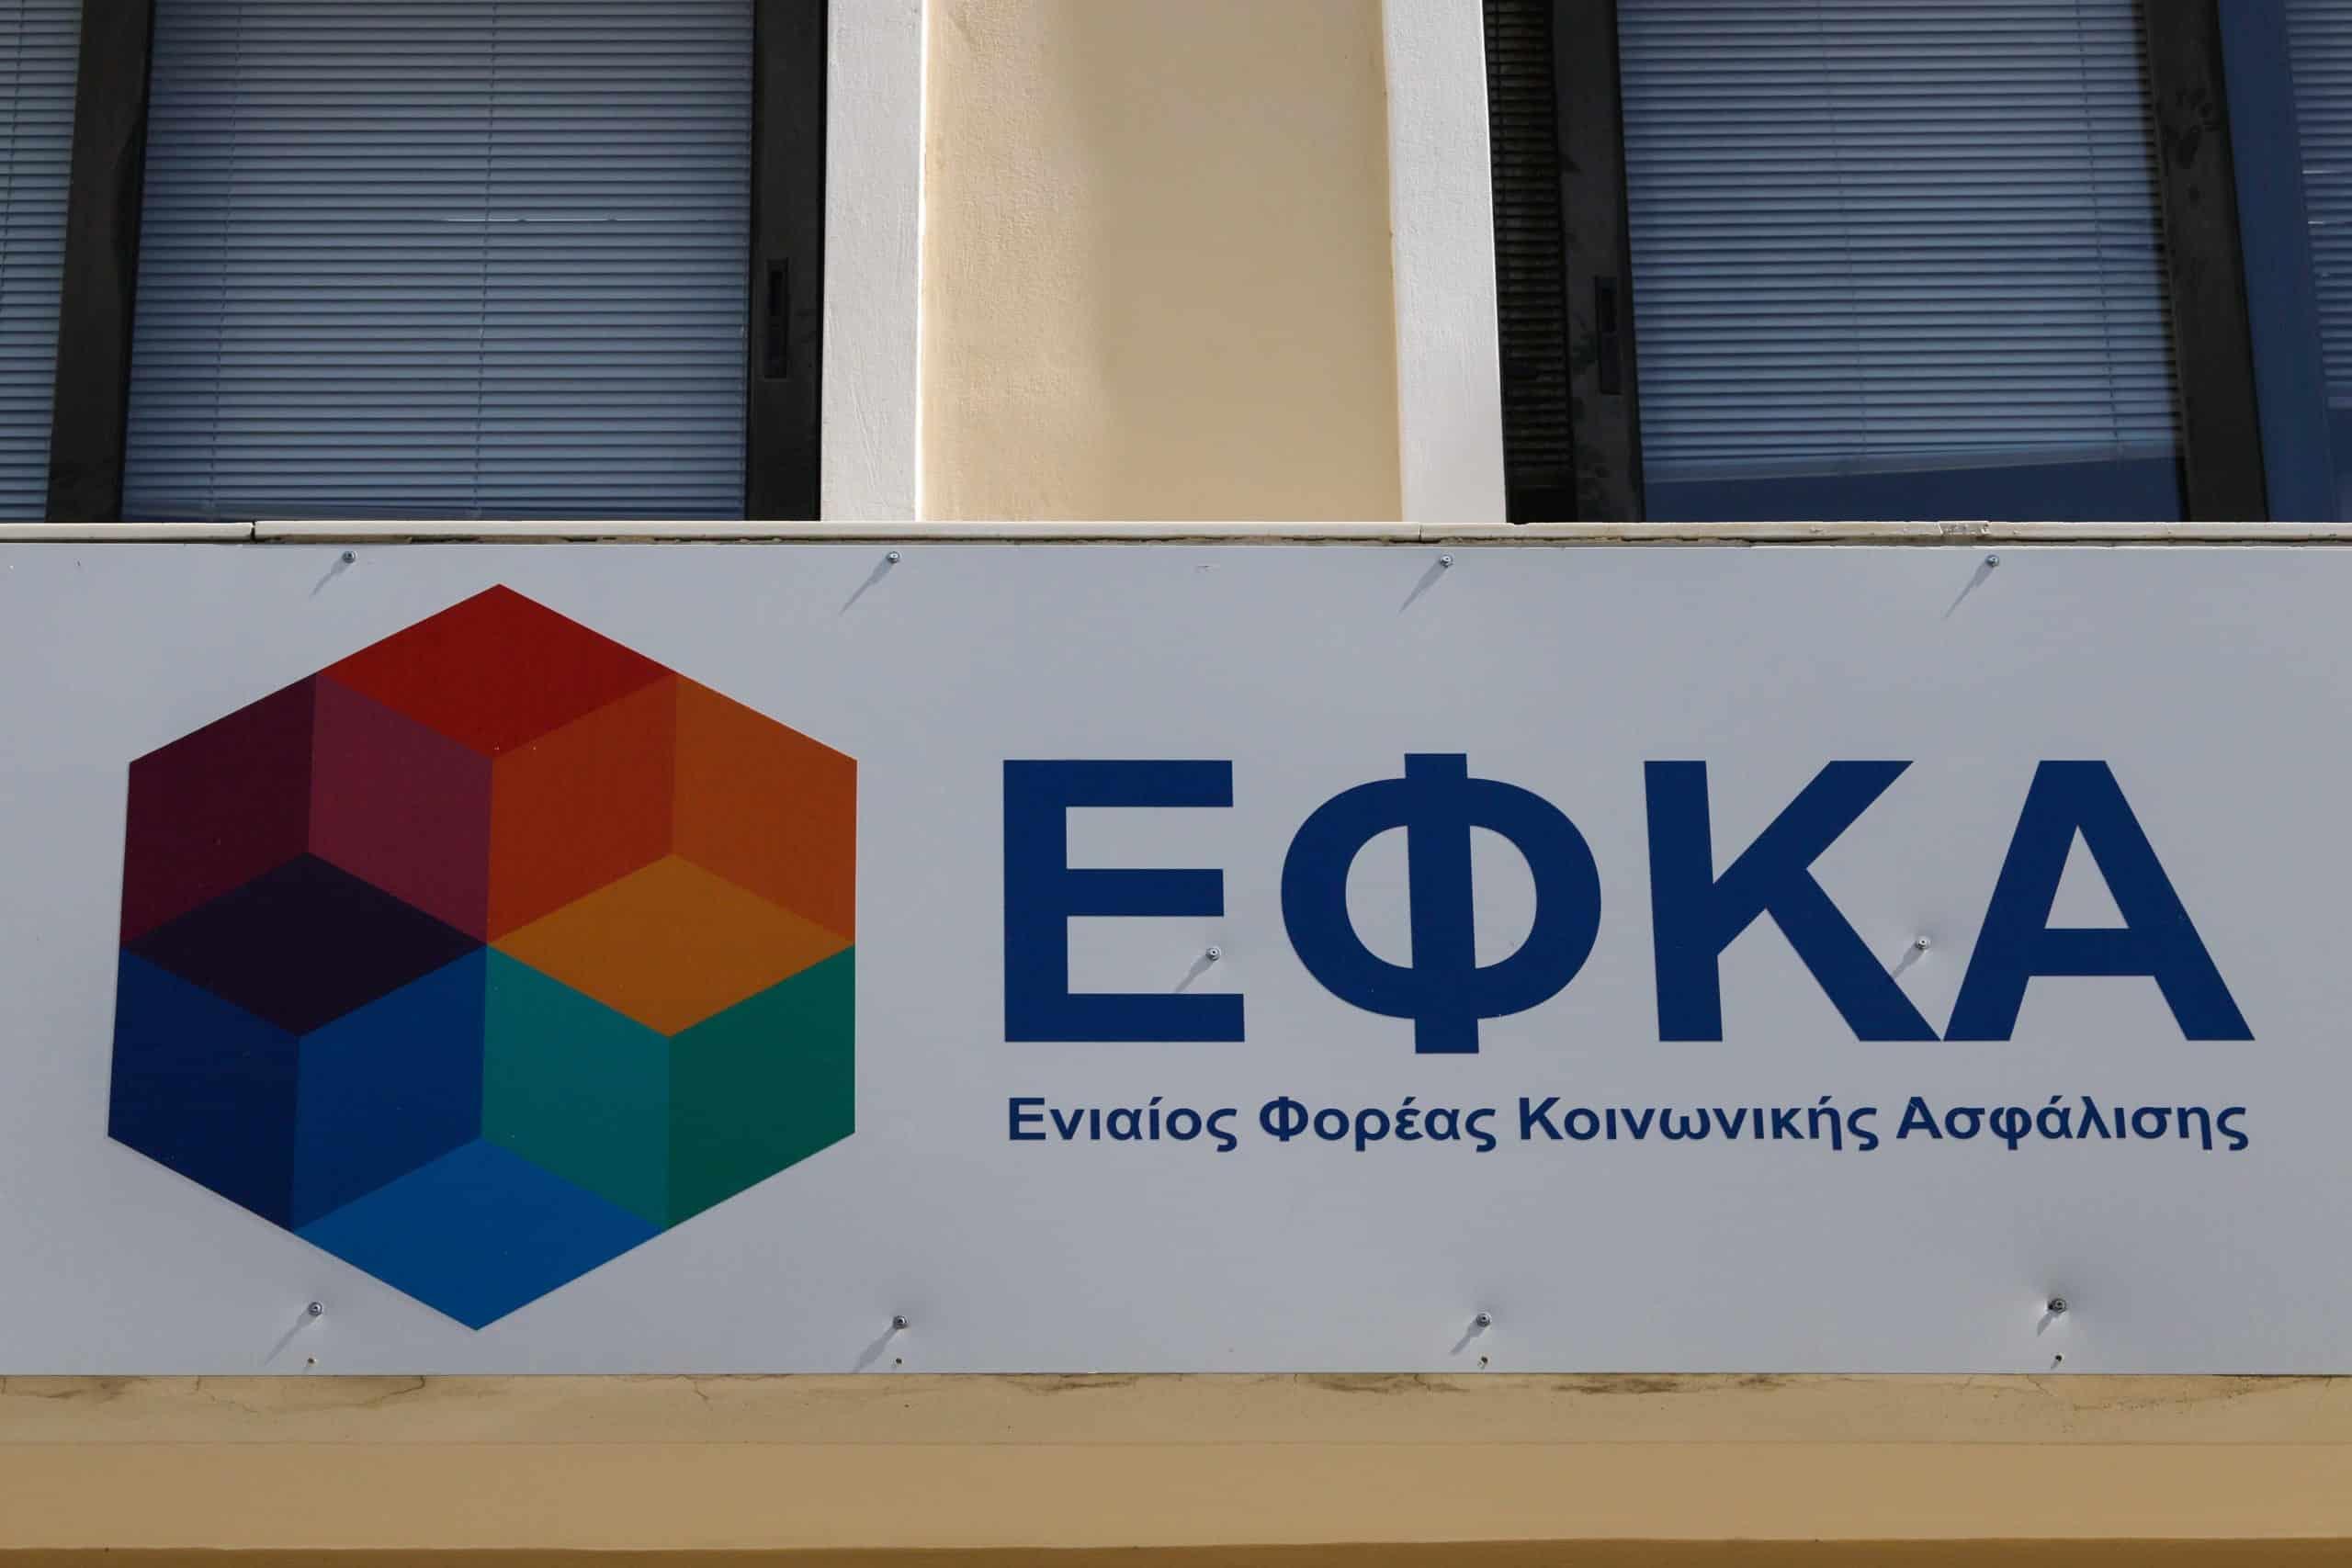 ΕΦΚΑ: Τι αλλάζει για τους συνταξιούχους - Πότε θα παίρνουν sms - Email Το νέο φιλόδοξο σχέδιο του ΥΠΕΣ λέγεται e-ΕΦΚΑ e-ΕΦΚΑ νέες ψηφιακές εφαρμογές